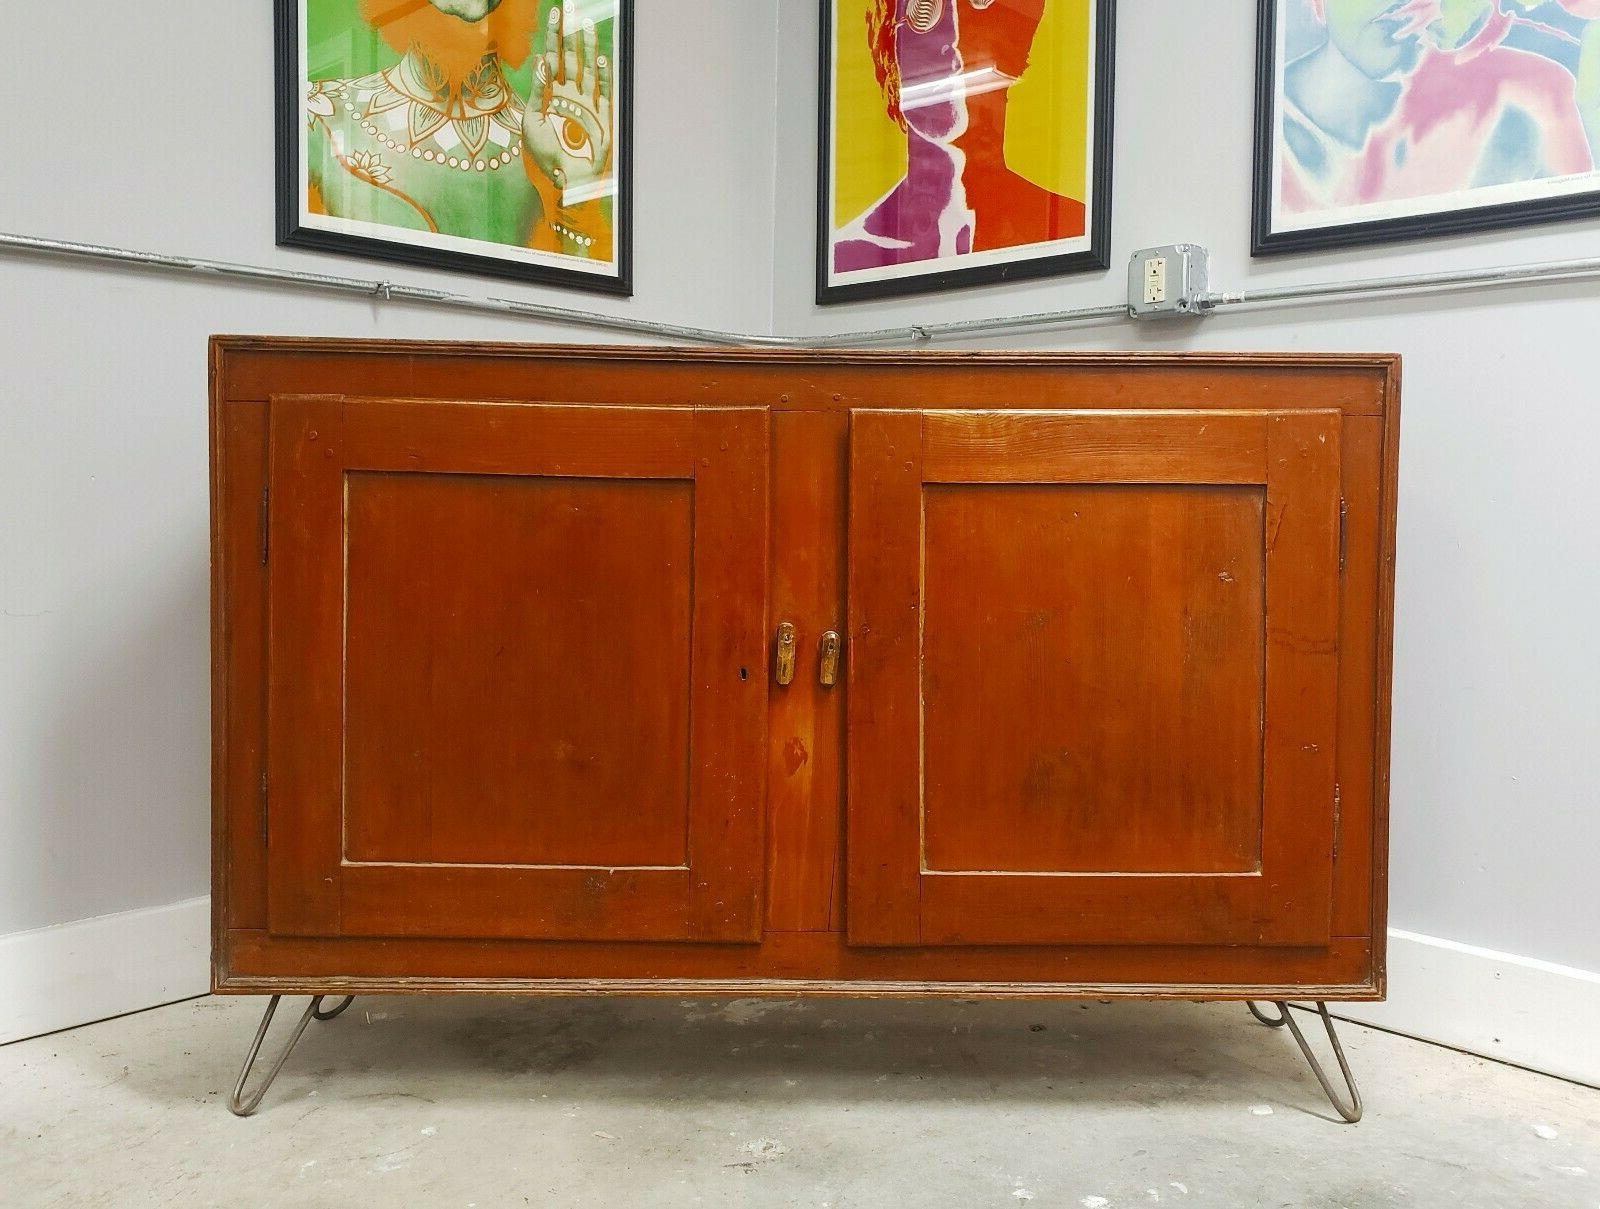 Preferred Lowrey Credenzas Regarding Antique 18Th Century Commode Sideboard Credenza Rustic Cabinet (View 18 of 20)